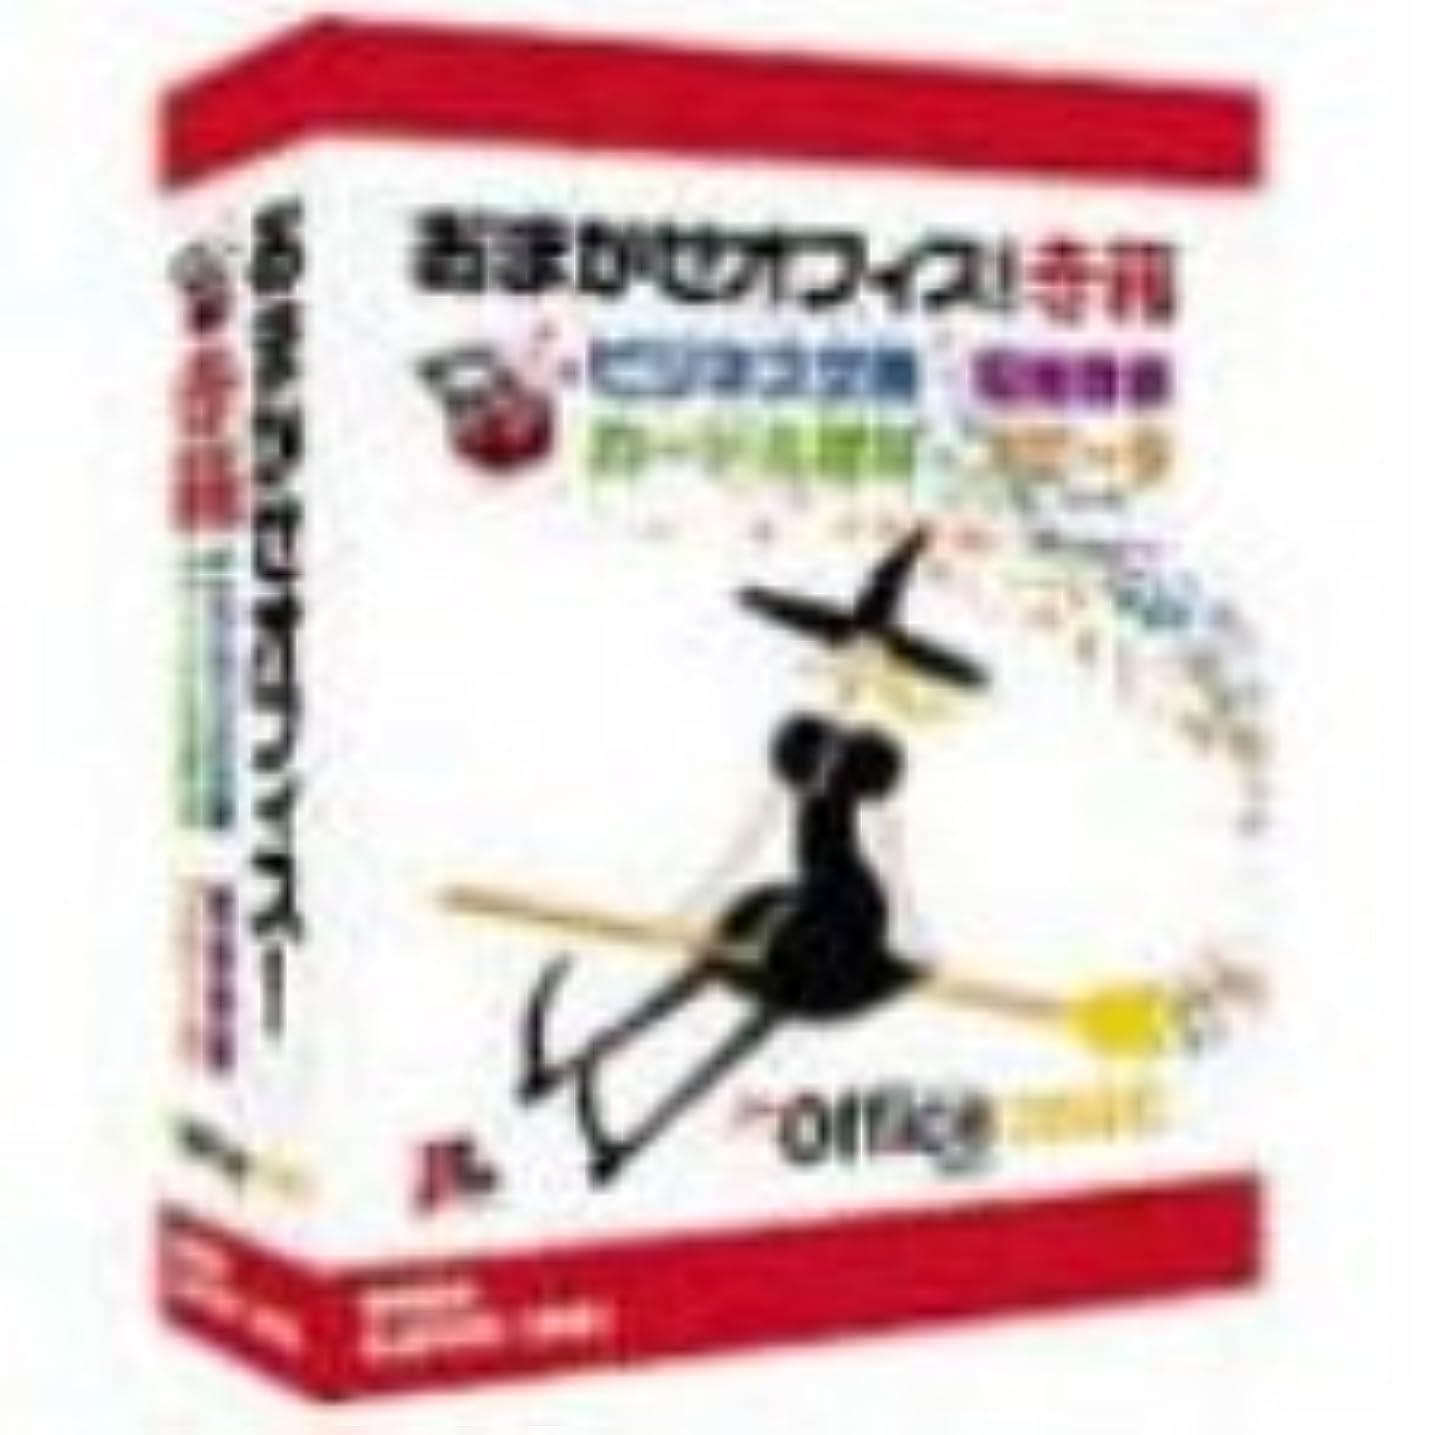 前述の安西ヘクタールおまかせオフィス! 赤箱 for Microsoft Office2001 mac(ビジネス文例?冠婚葬祭?スピーチ?カード)